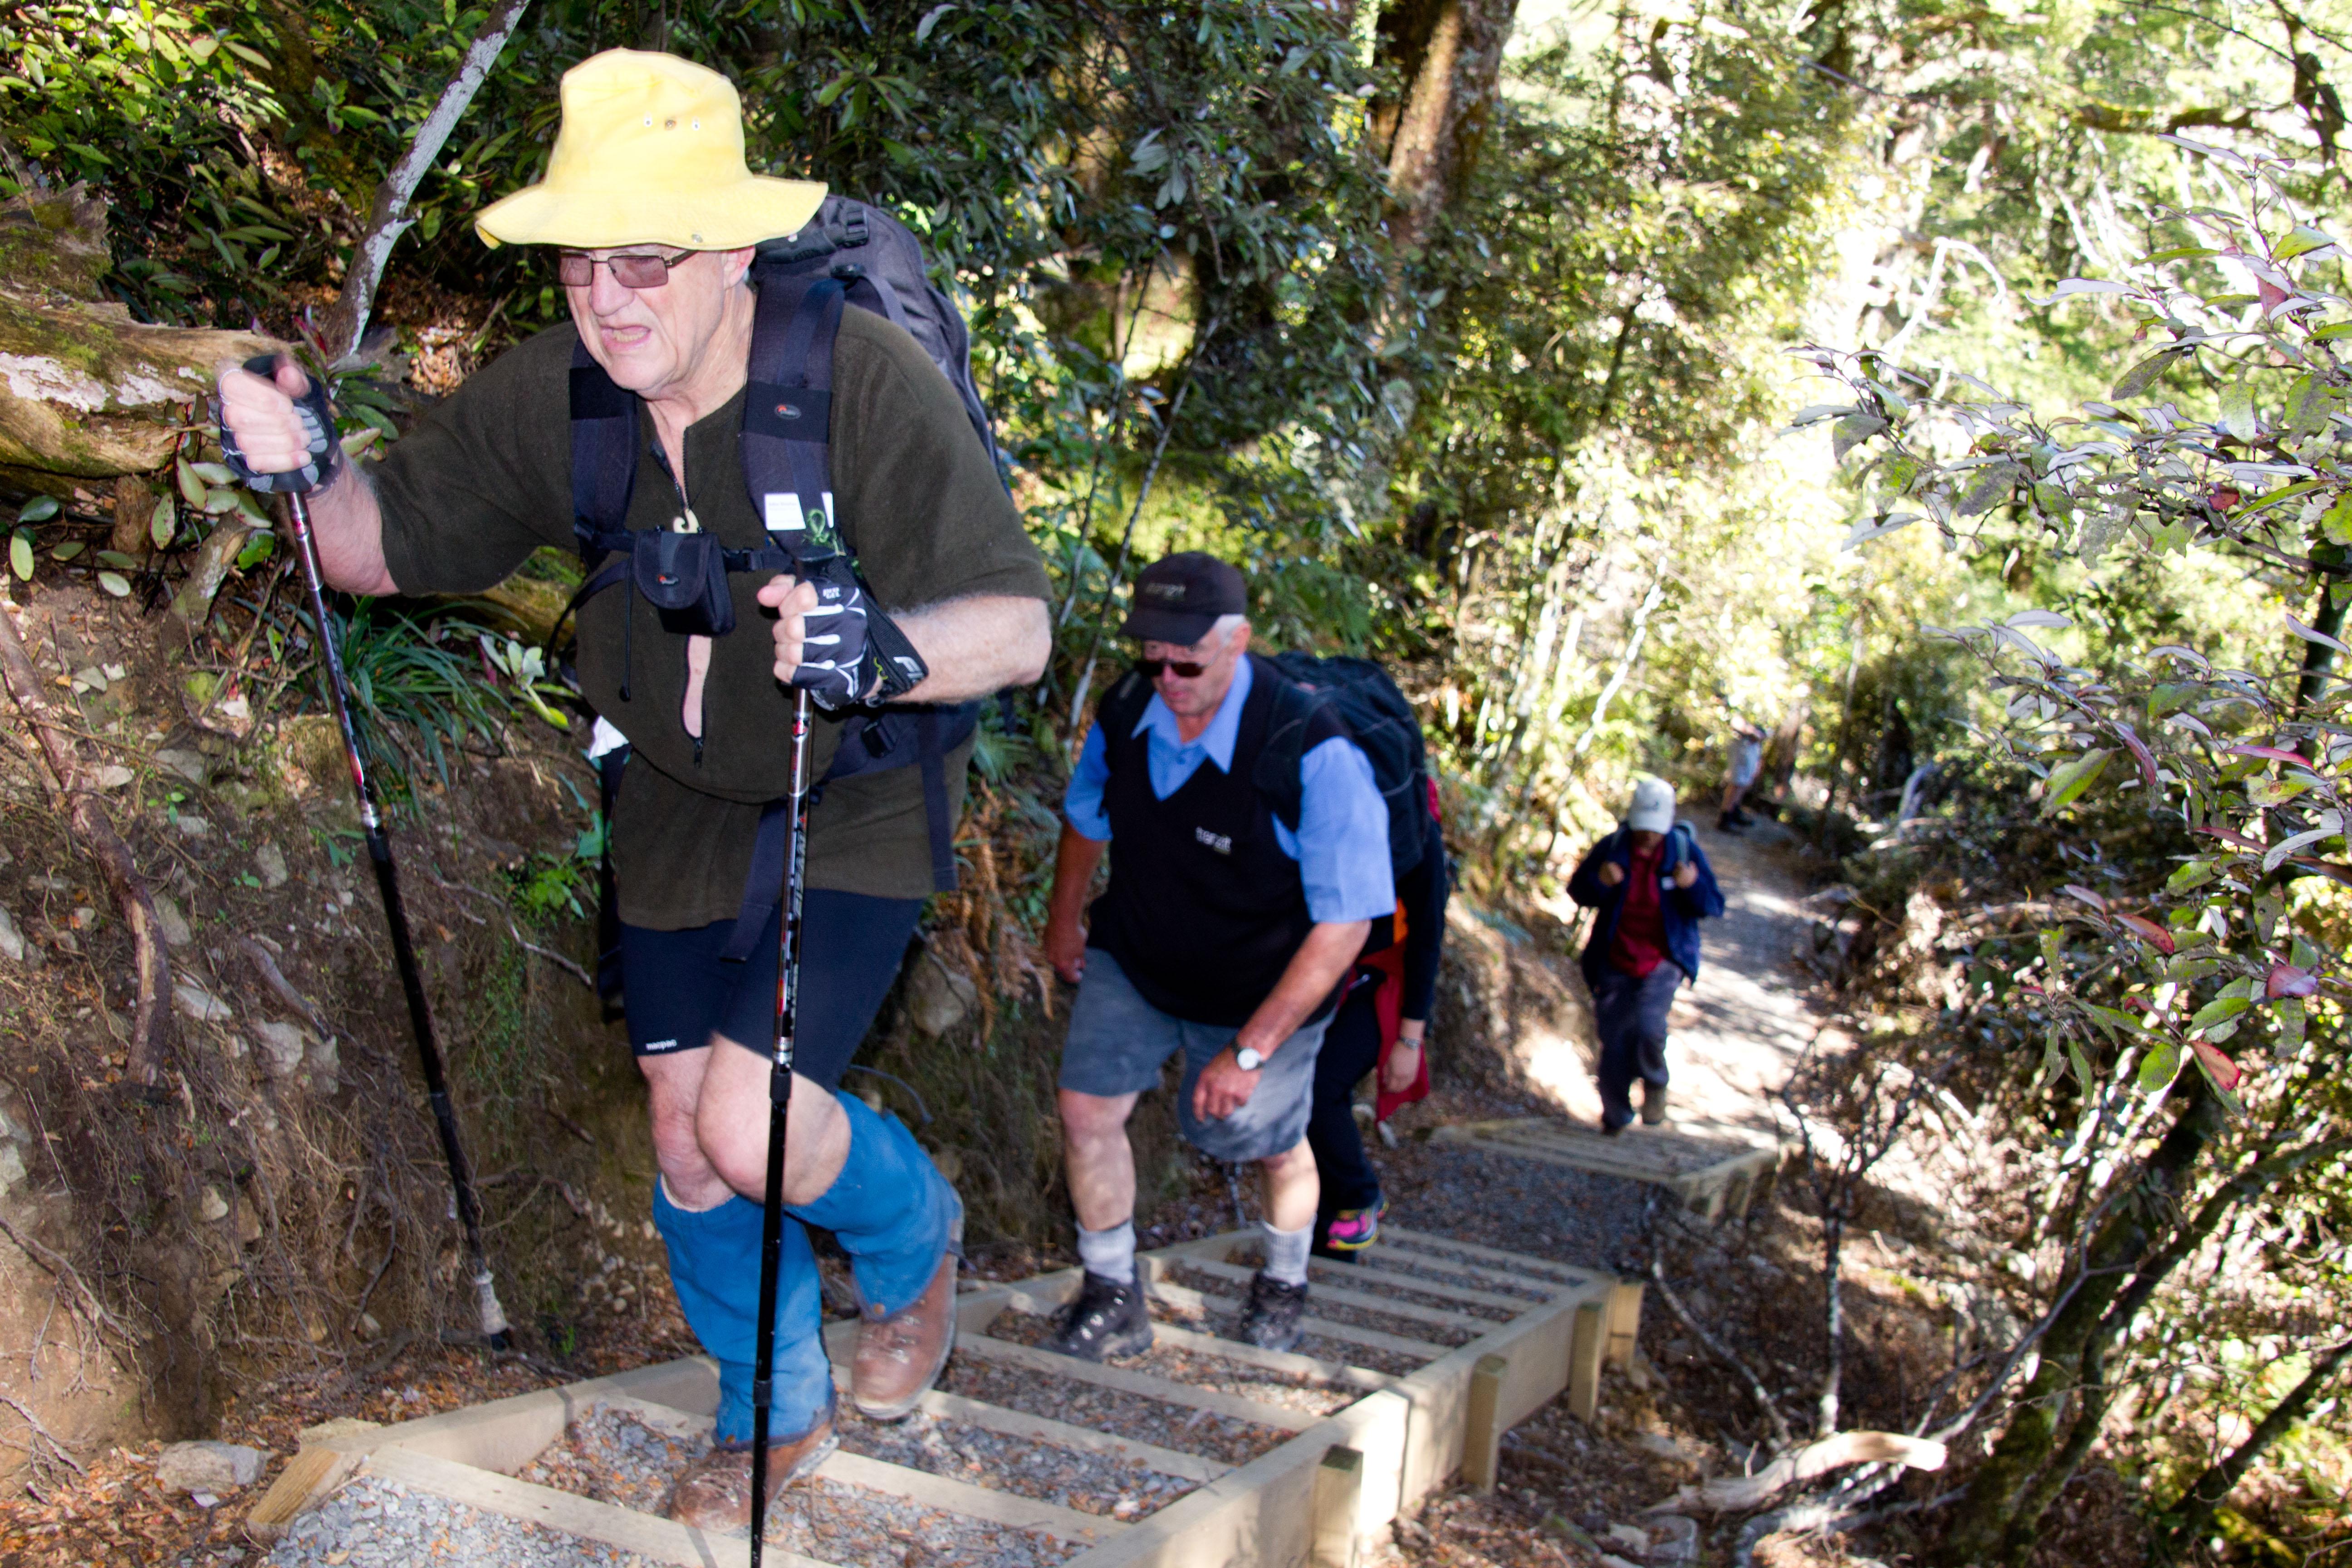 Tony Heford - Rangi - pounding steps